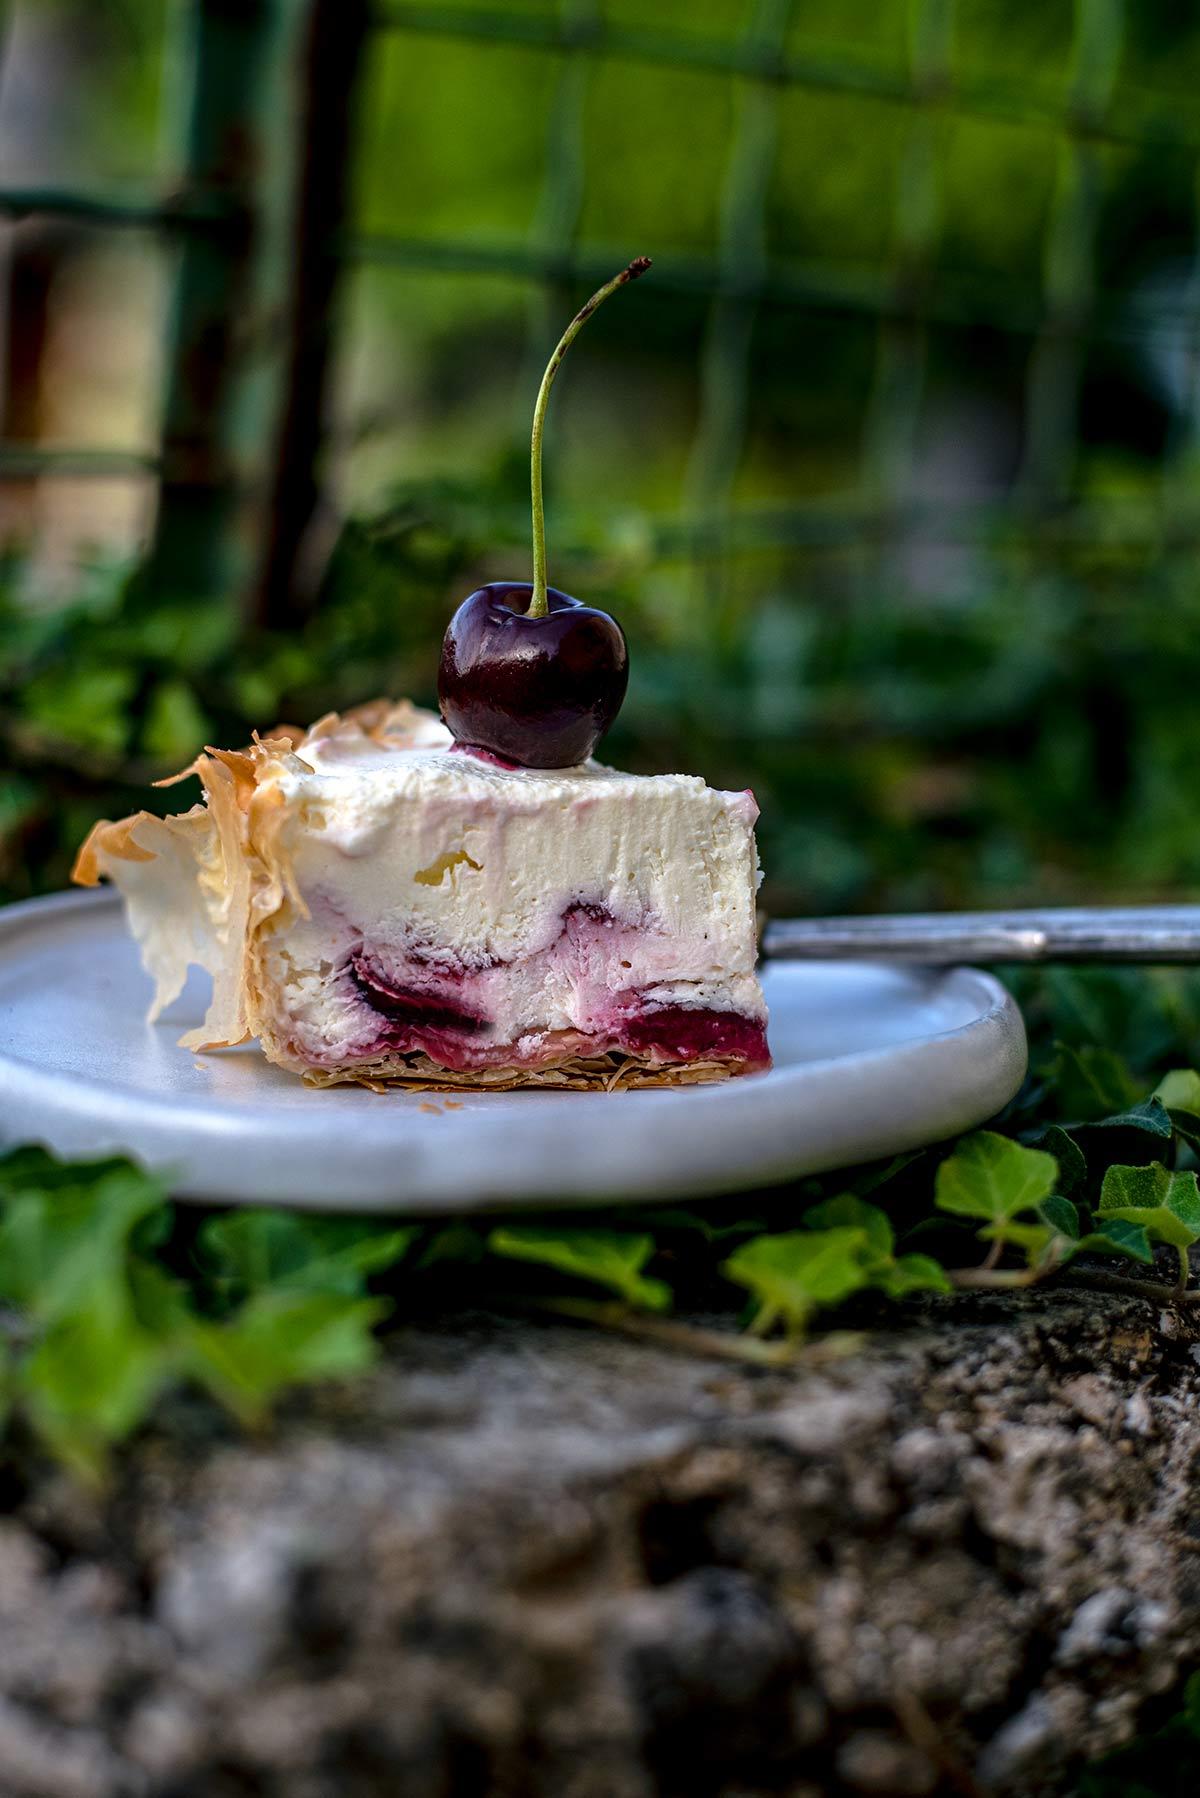 cheesecake κεράσι, φύλλο κρούστας